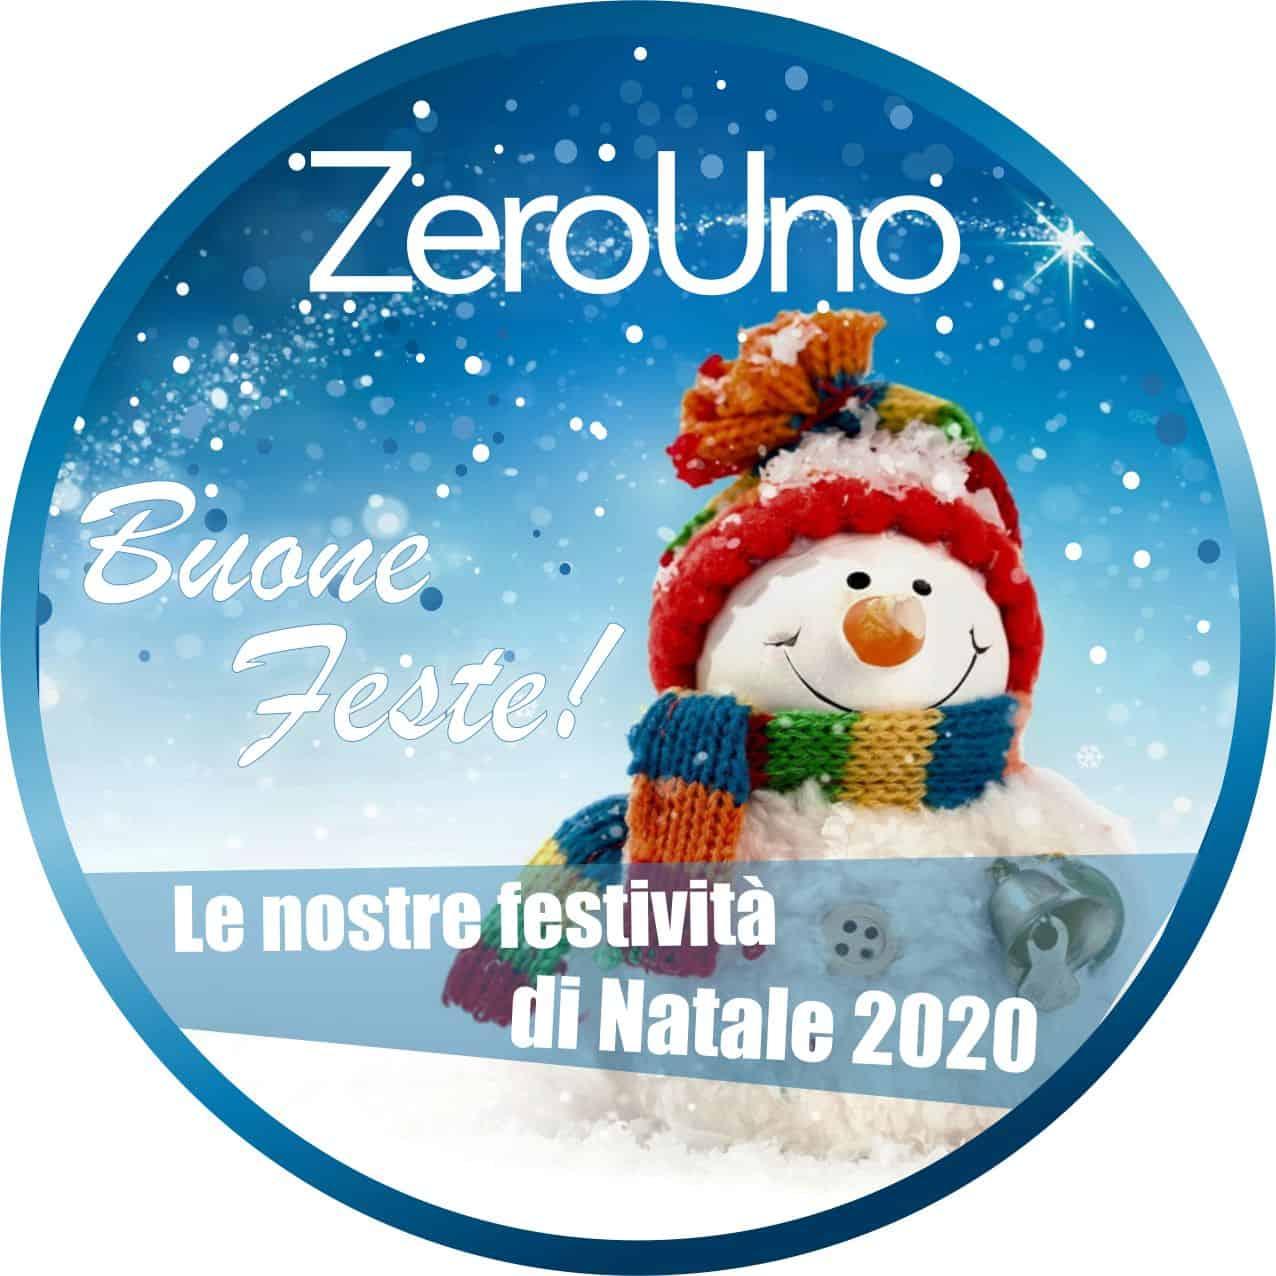 Le nostre festività di Natale   Elettrogruppo ZeroUno   Beinasco   Torino TO   immagine principale